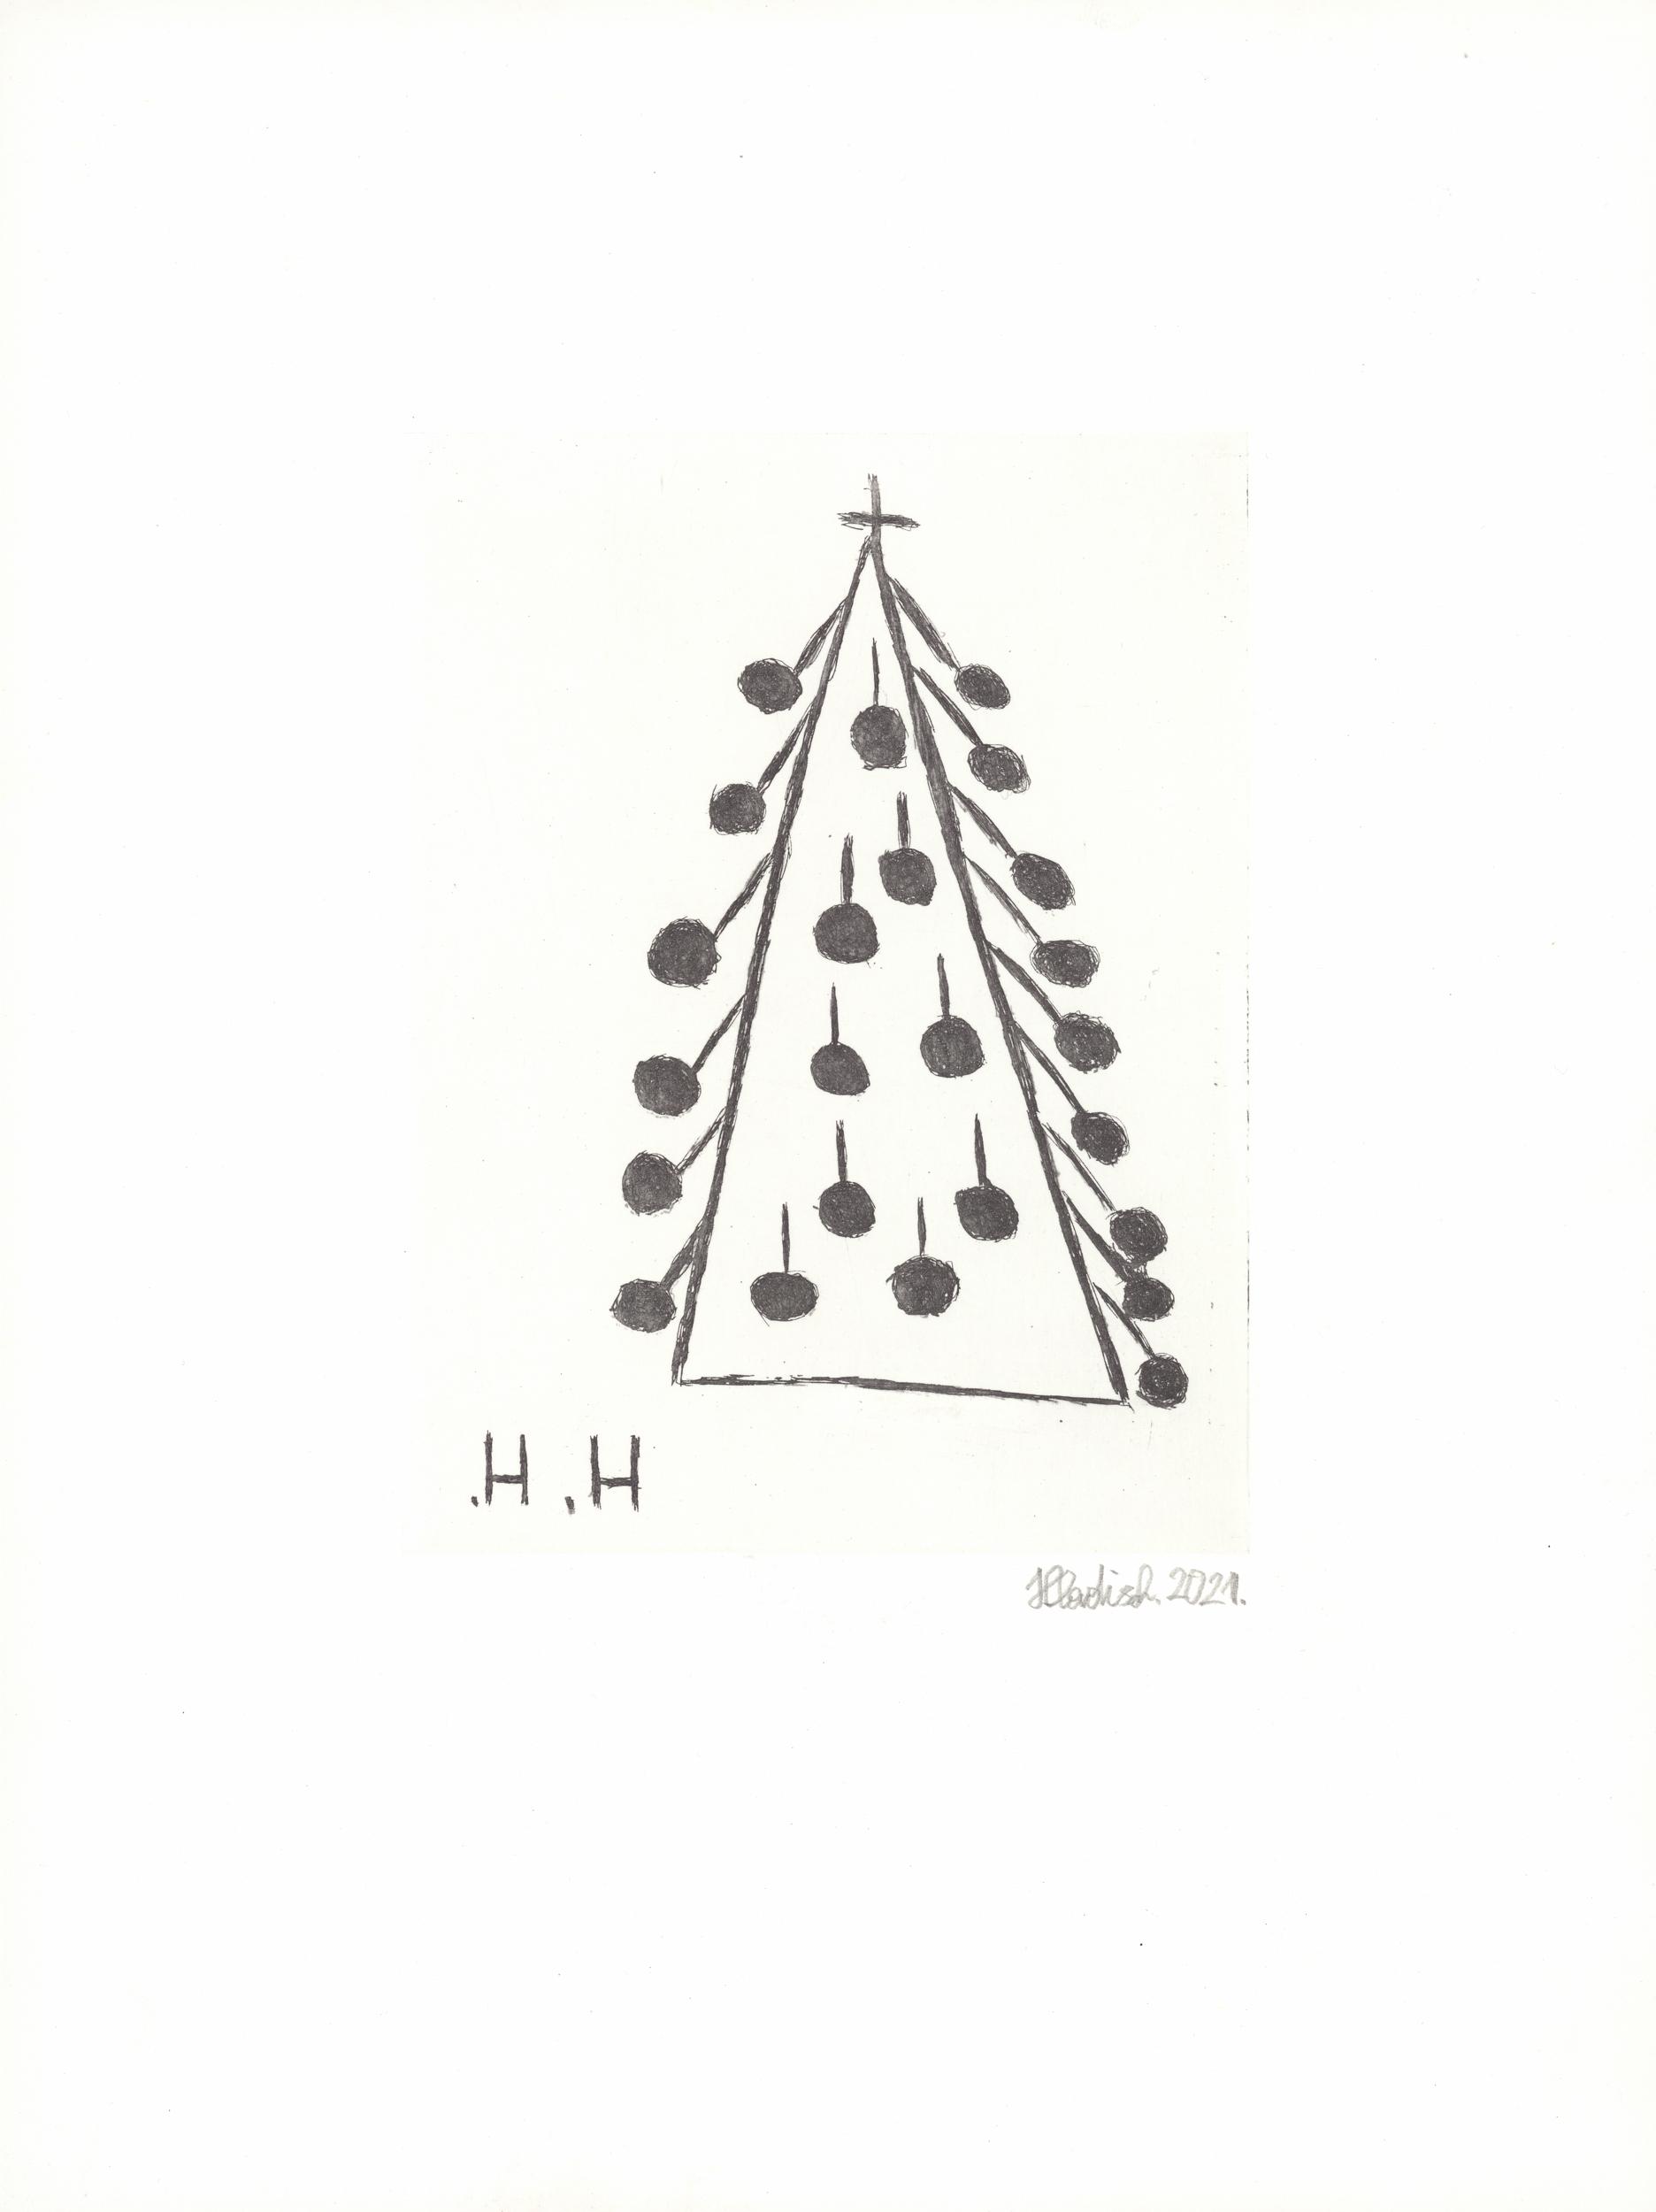 hladisch helmut - Weihnachtsbaum / Christmas tree